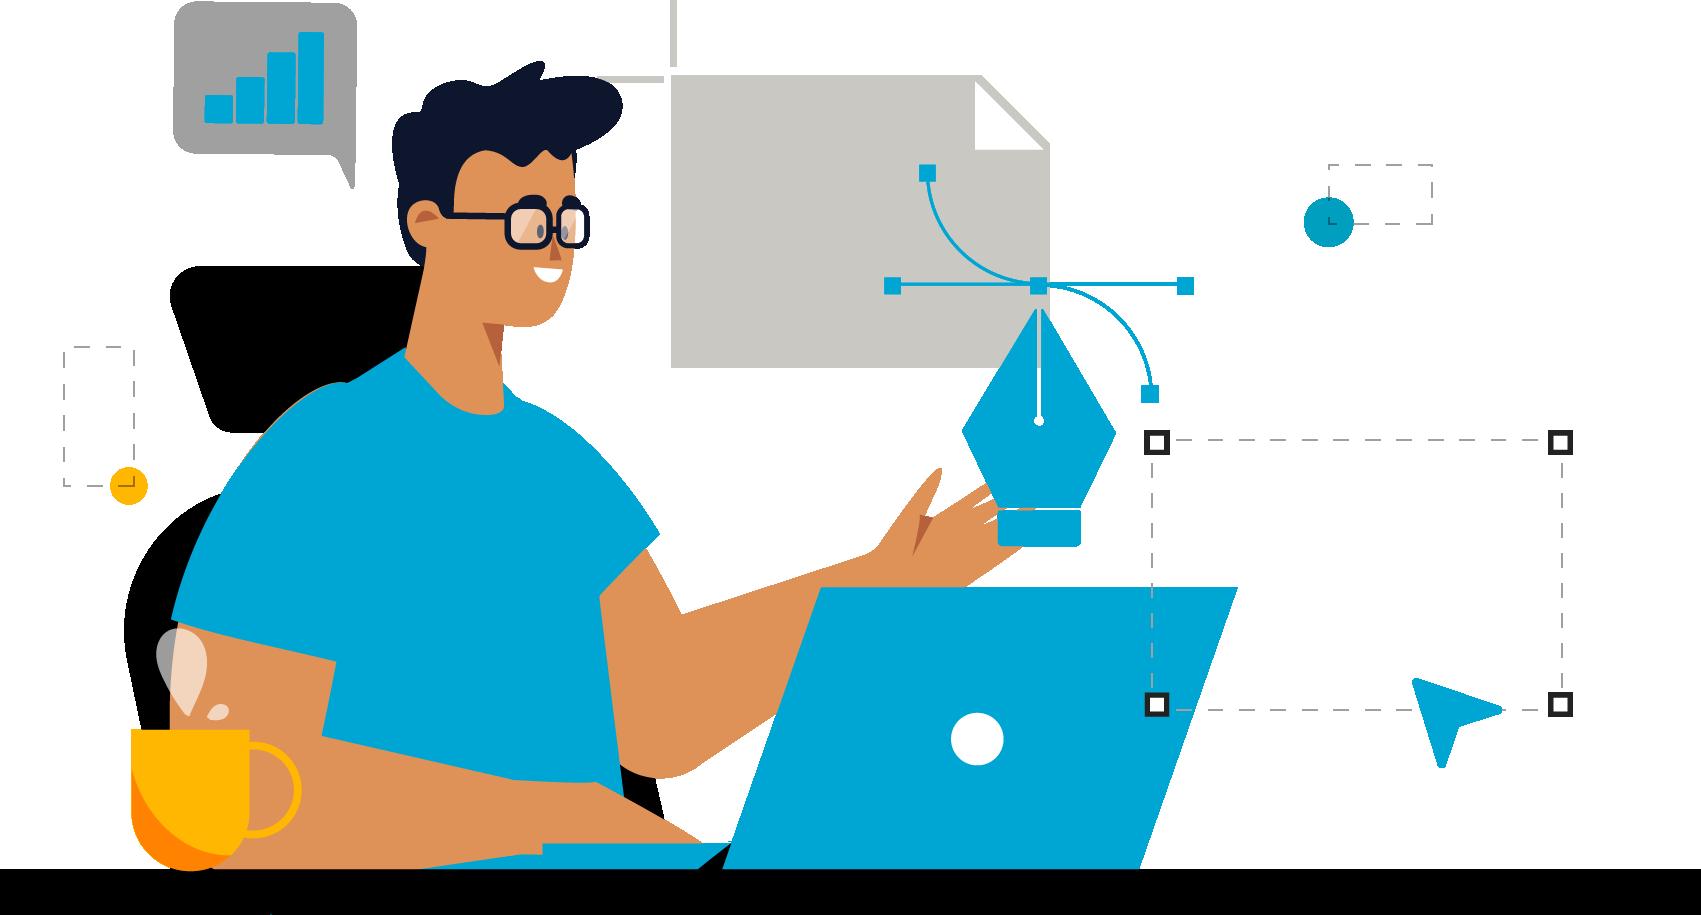 KB Project to dynamicznie rozwijającą się firmą z perspektywami dalszego działania . Posiadamy przeszło kilku letnie komercyjne doświadczenie w branży reklamowej. Oferujemy działania w zakresie Fotografii i filmowaniu, Marketingu, Grafiki komputerowej, social mediów oraz budowanie stron i sklepów internetowych. A także ciągle poszerzamy swoją wiedzę i umiejętności przez kursy i certyfikację projektowanie logo